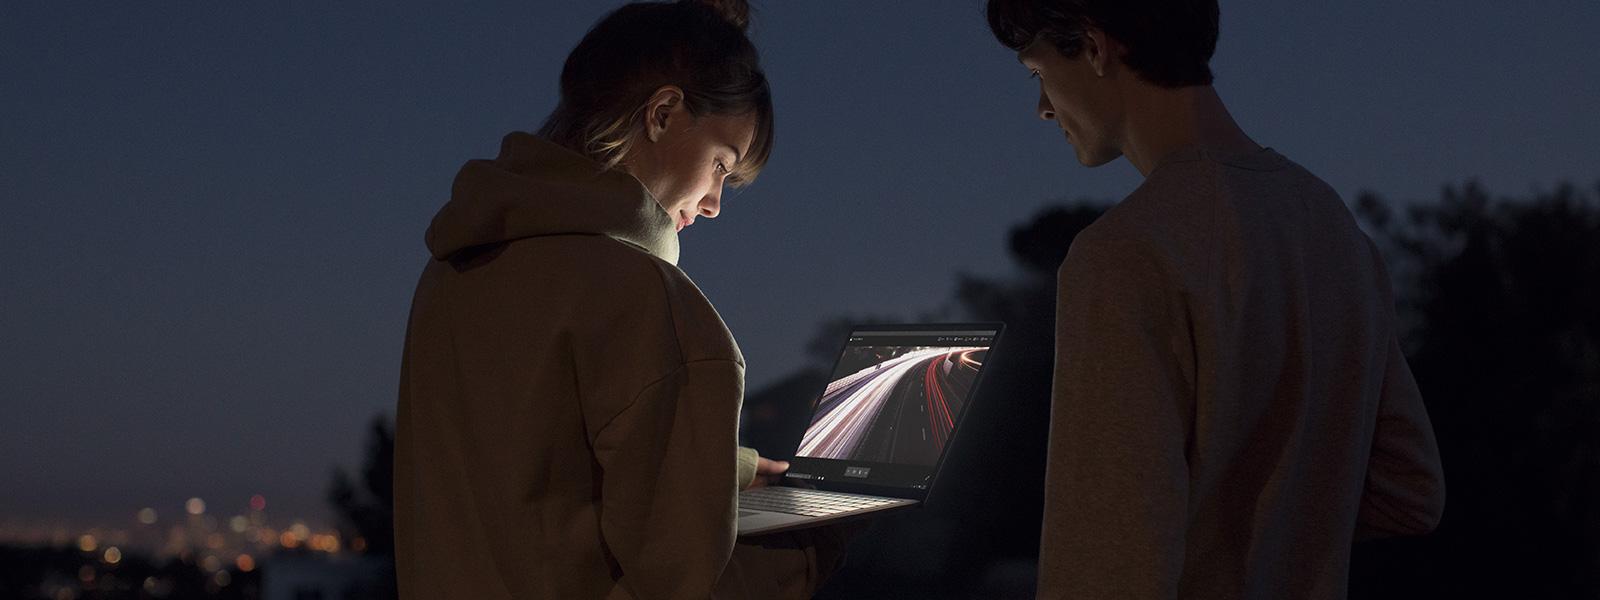 Twee personen die Surface in het donker gebruiken